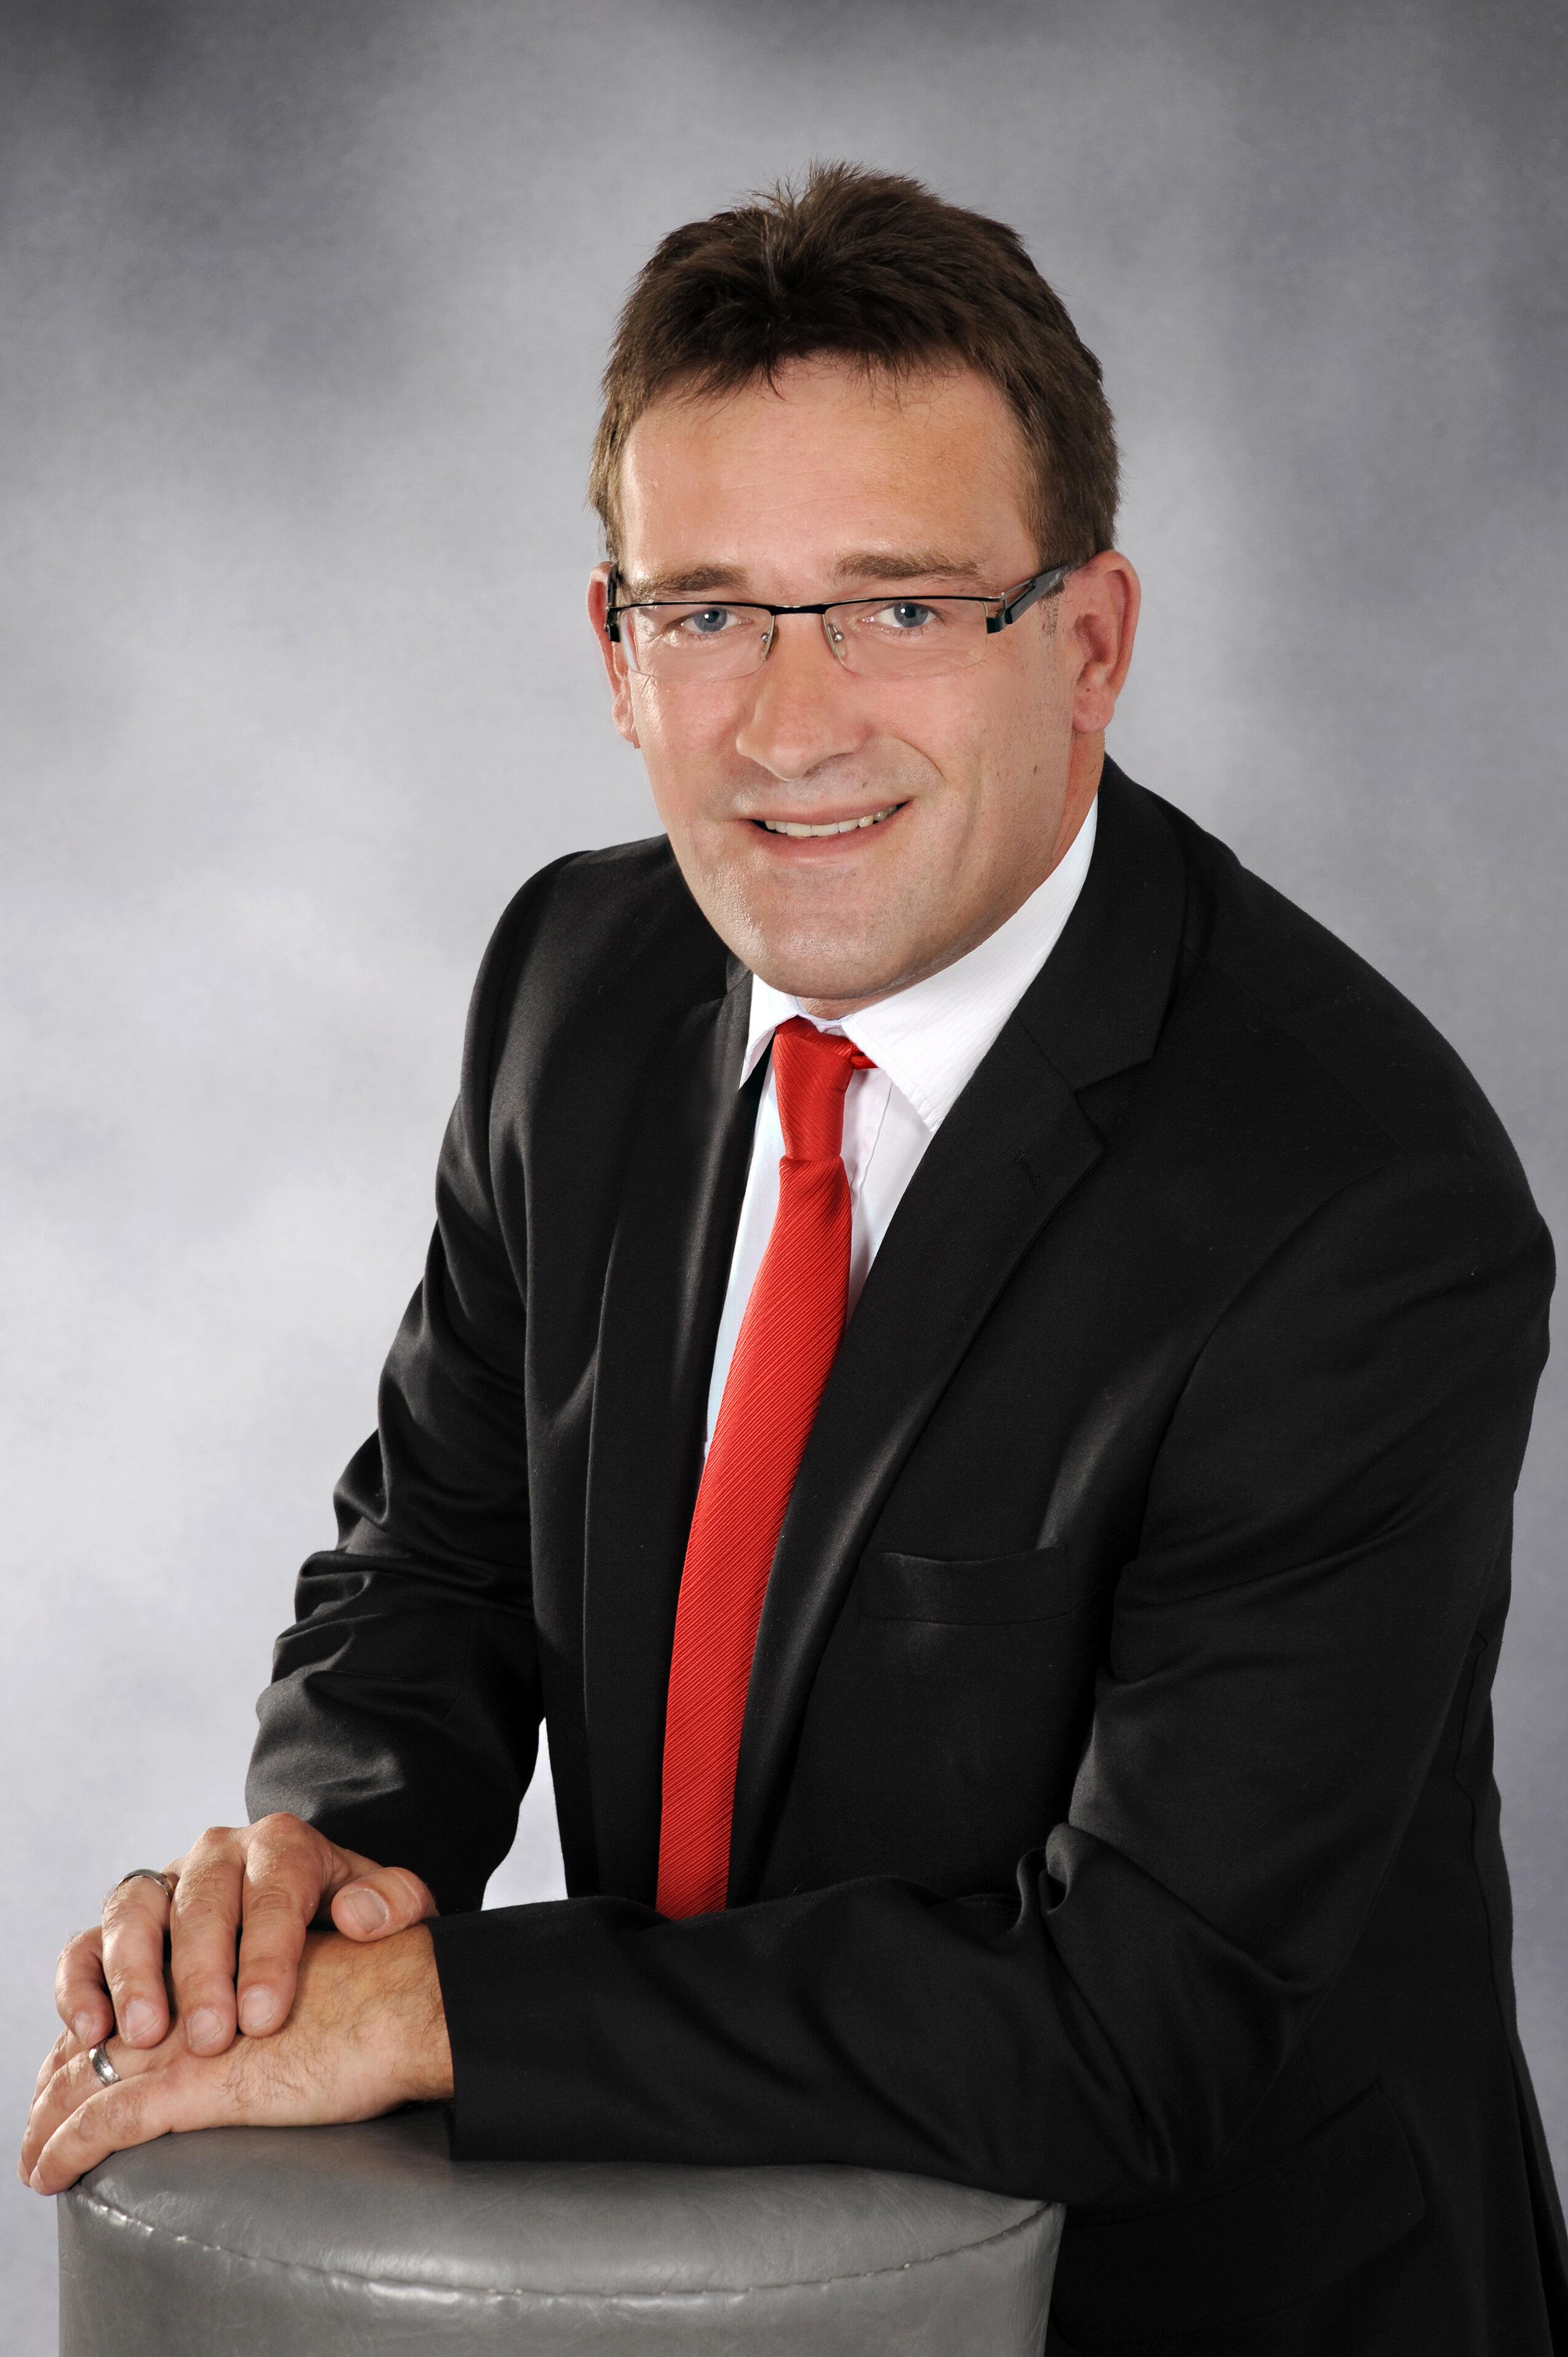 Porträtfoto des Bürgermeisters von Roßleben, Steffen Sauerbier.